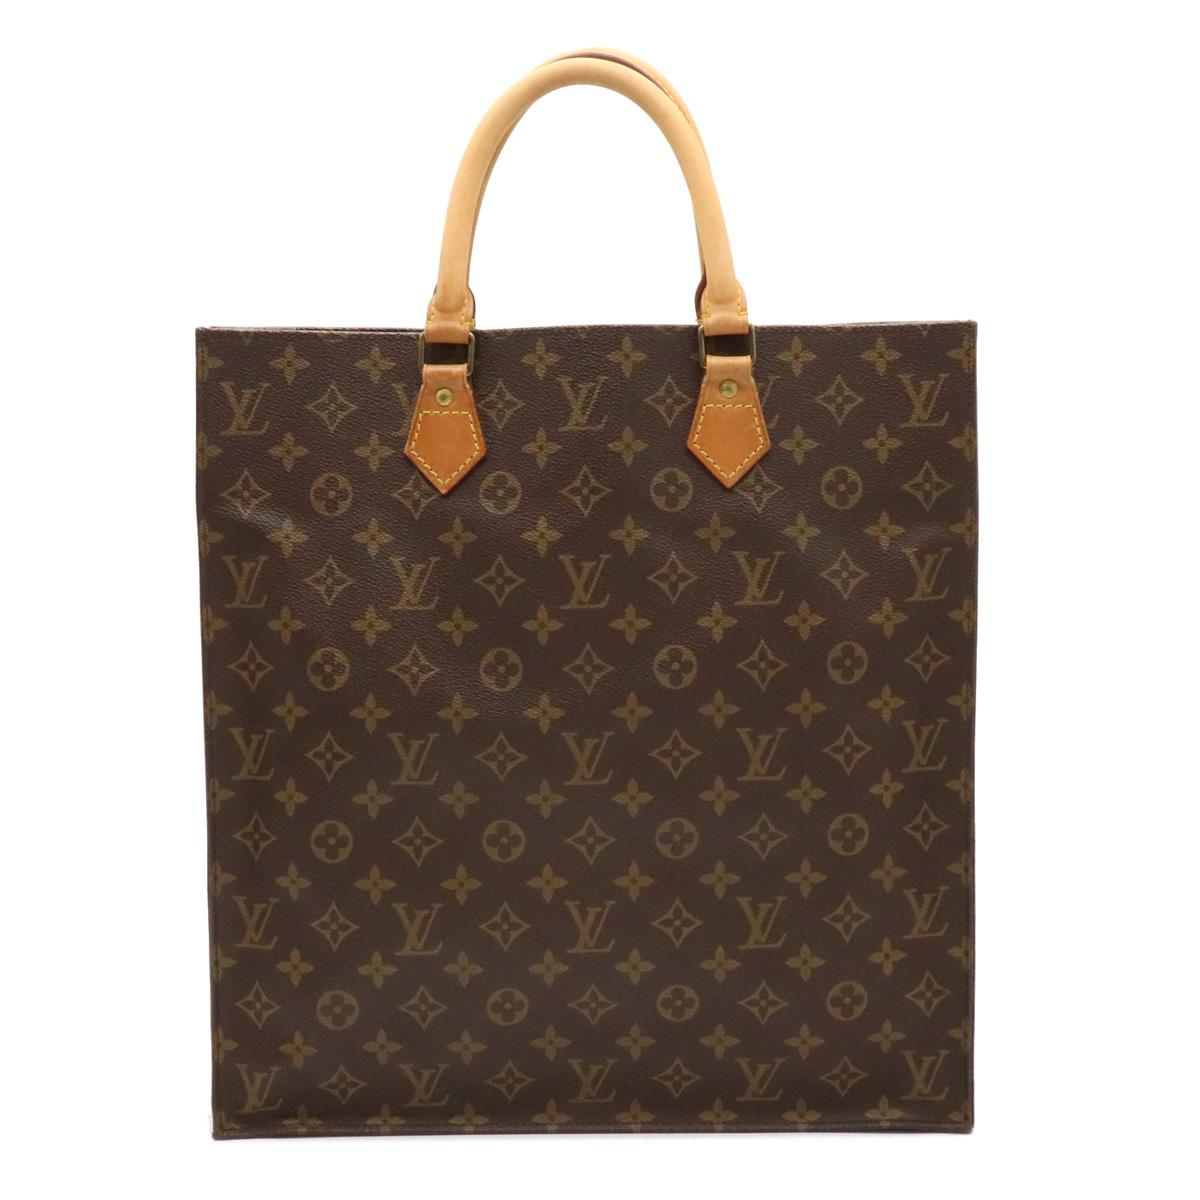 バッグ LOUIS VUITTON ルイ ヴィトン モノグラム サックプラ ショッピングバッグ ハンドバッグ 中古 トートバッグ 無料 ビジネスバッグ スクエア型 M51140 店内全品対象